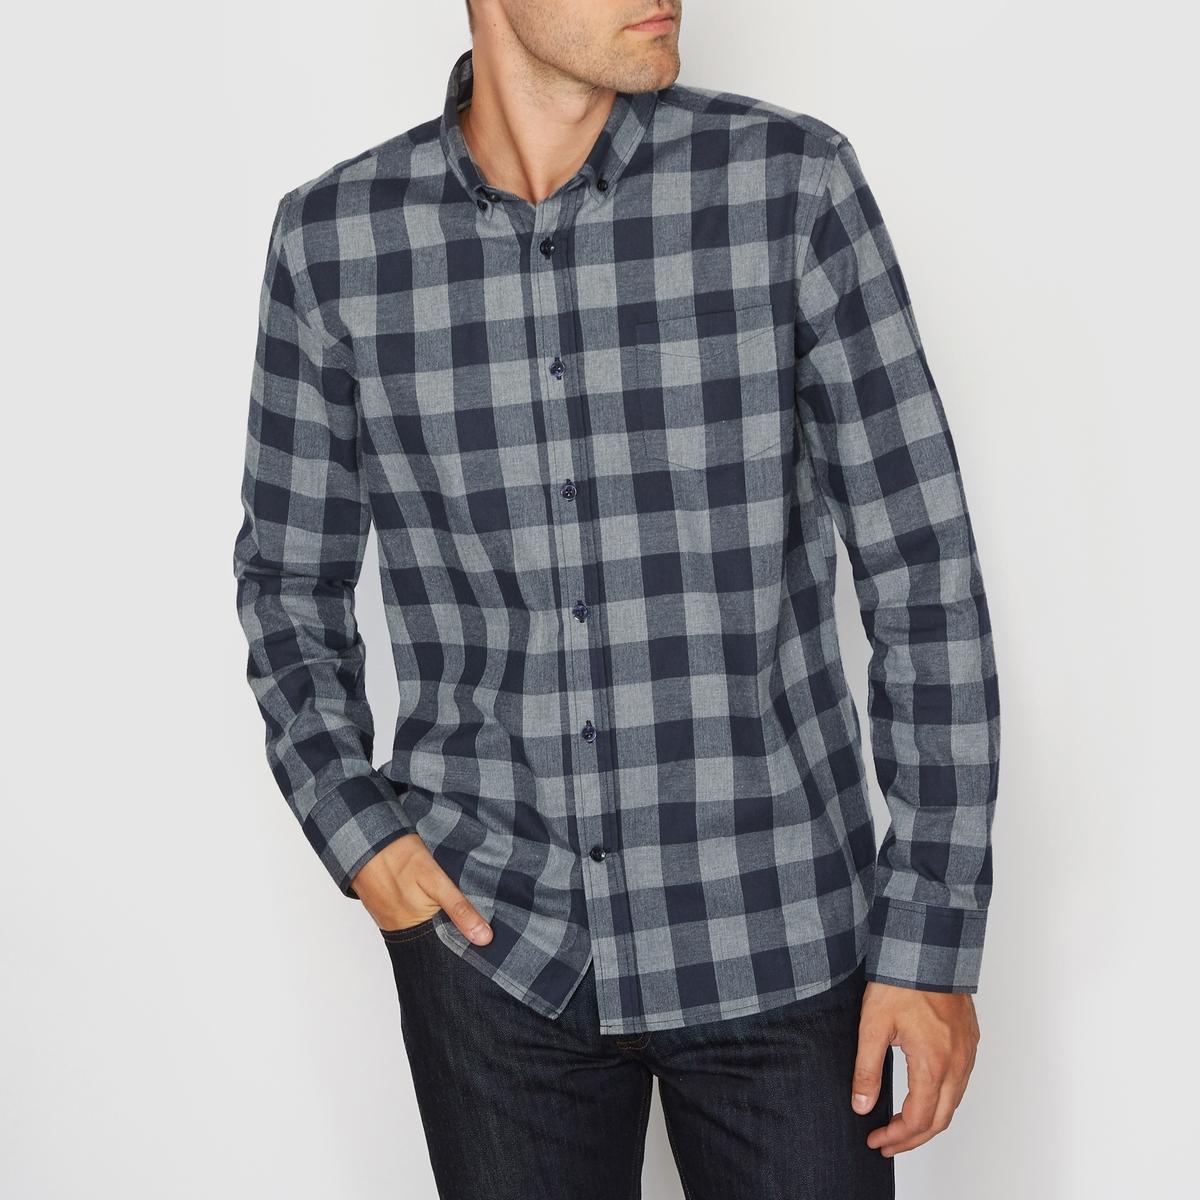 Рубашка прямого покроя с длинными рукавами из фланелиСостав и описание : Материал    :  фланель100% хлопокДлина : 76 смМарка    : R essentielУход :Машинная стирка при 30 °C с вещами схожих цветовГладить при умеренной температуре<br><br>Цвет: в сине-серую клетку